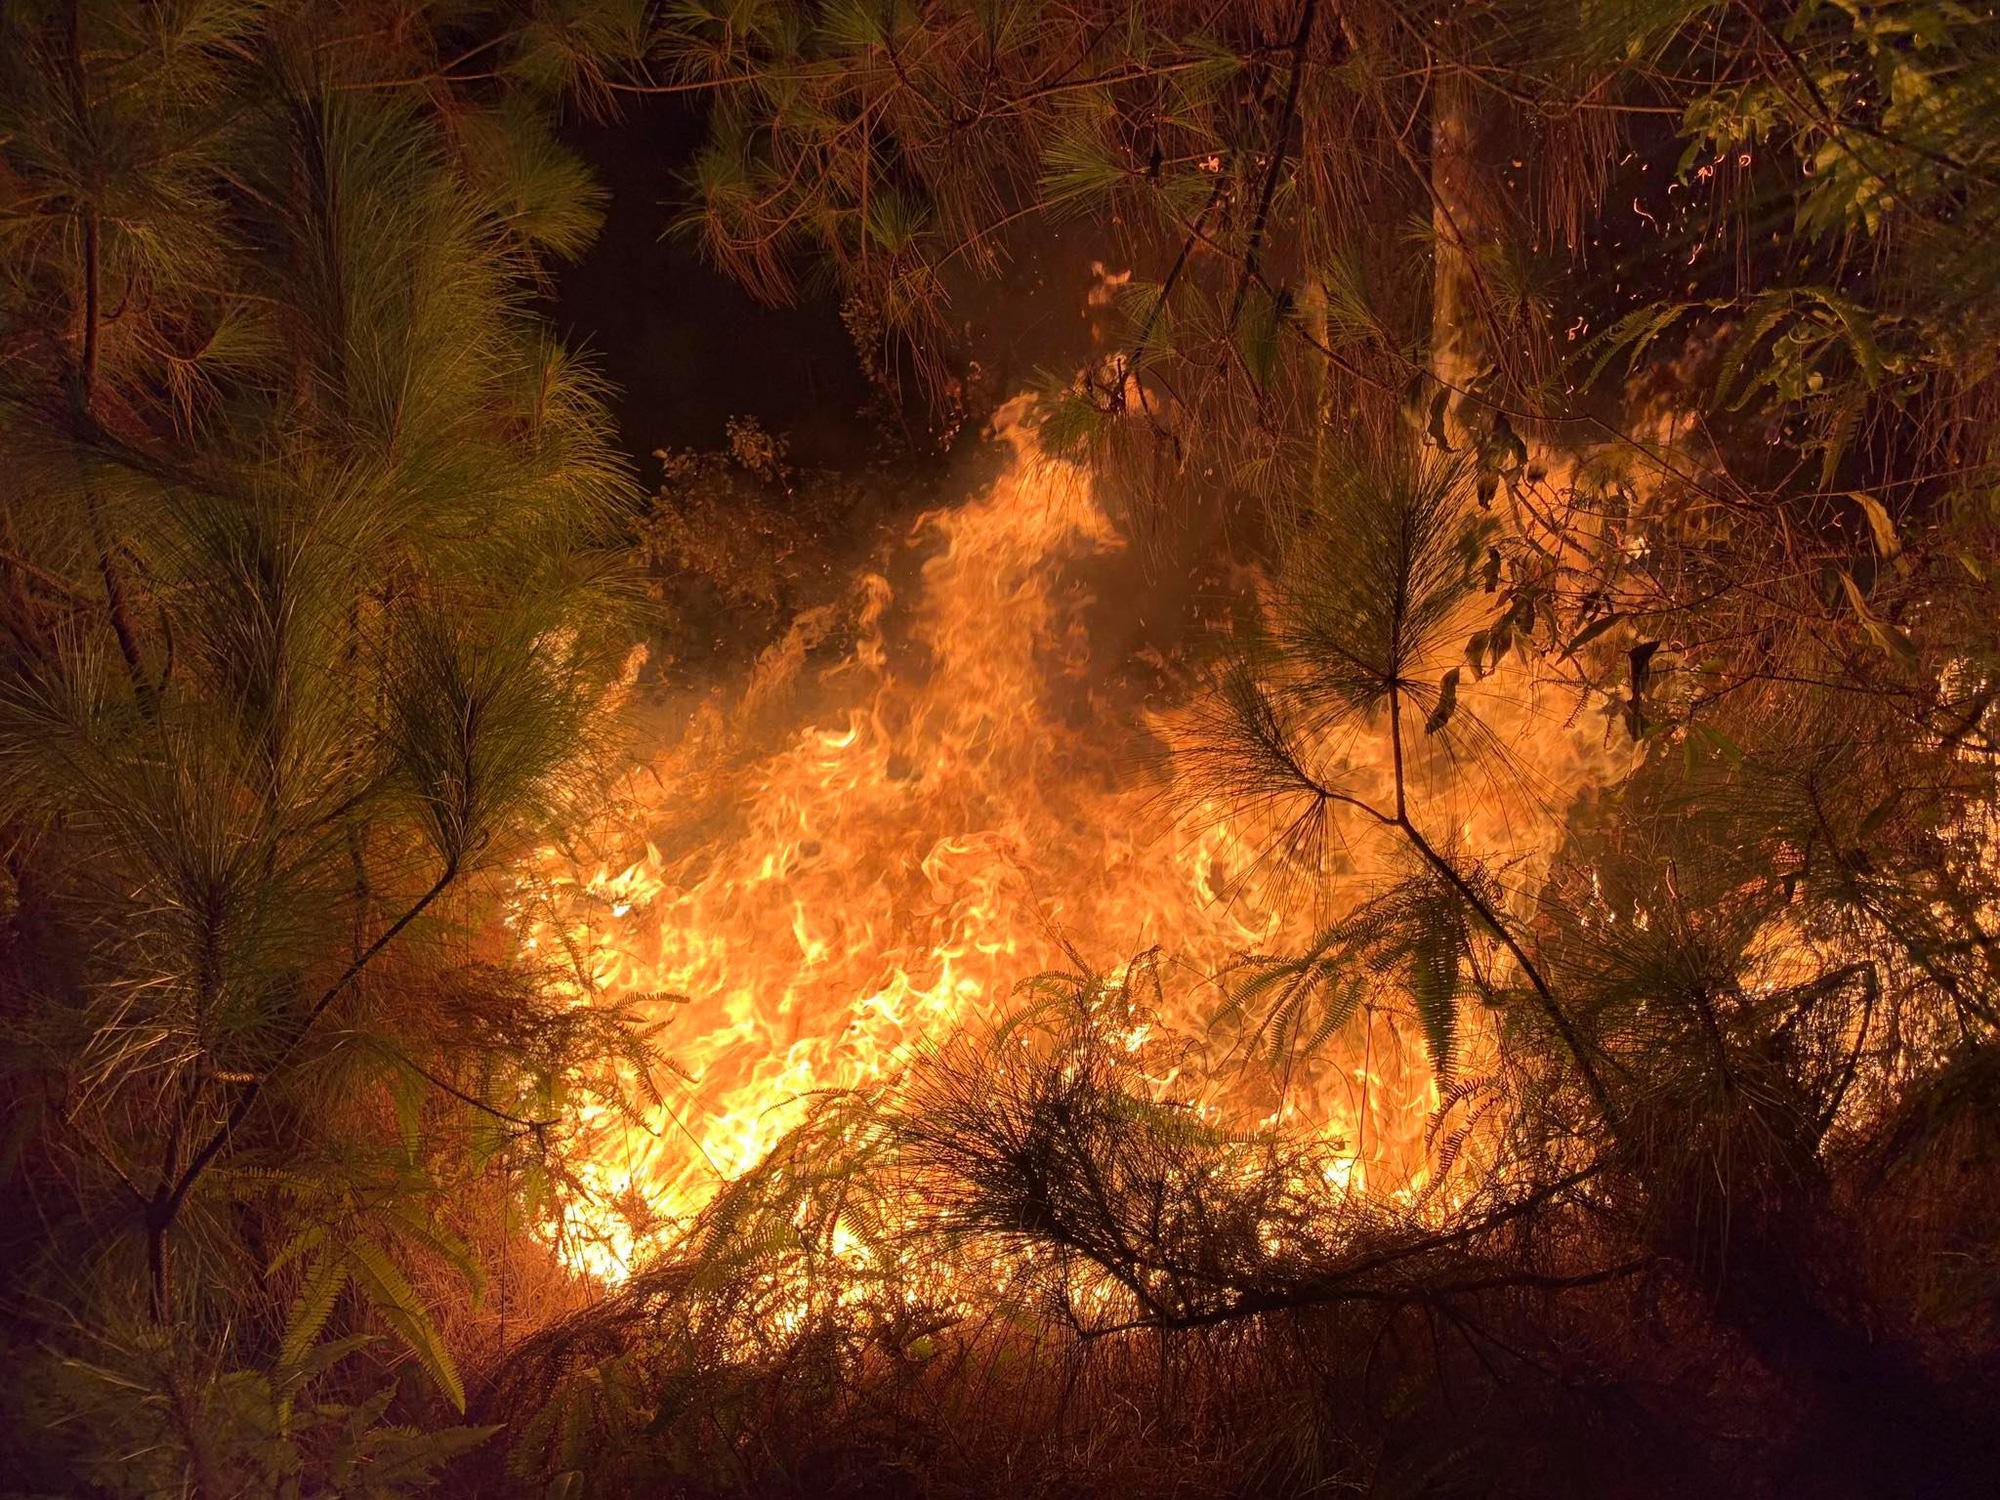 Rừng ở Hà Tĩnh, Nghệ An đang cháy đỏ trời trong đêm - Ảnh 2.